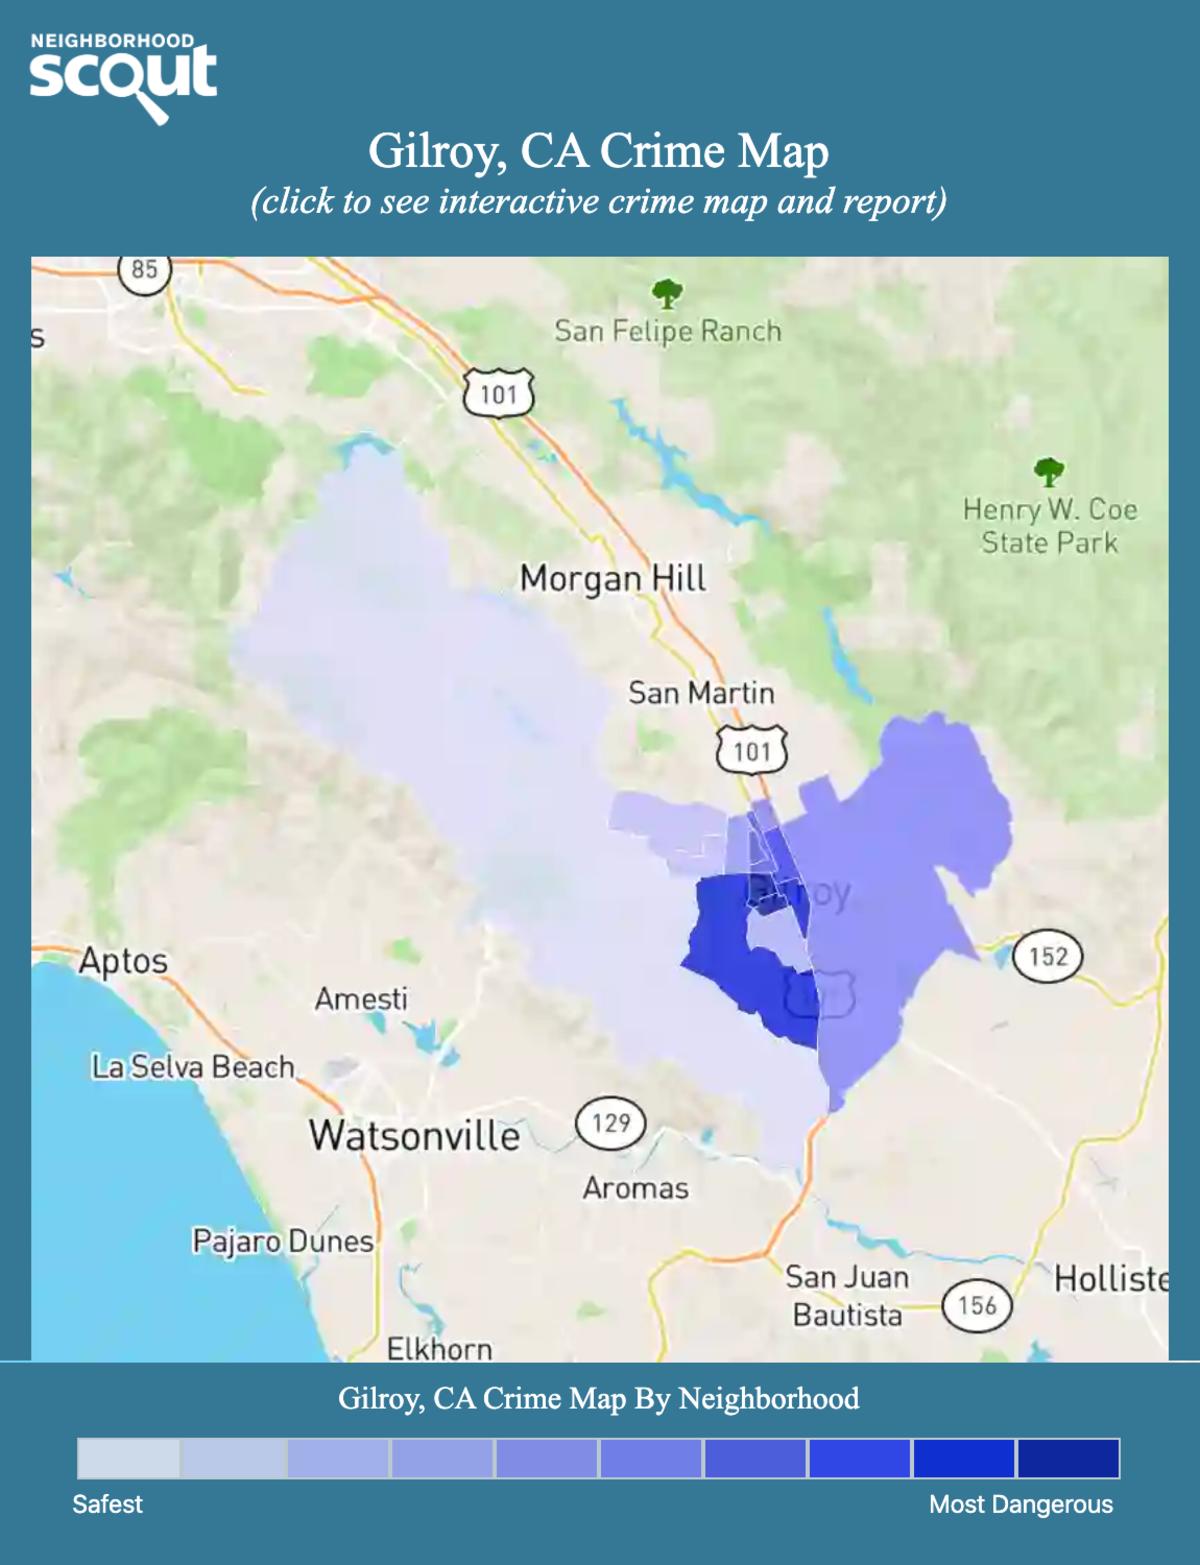 Gilroy, California crime map